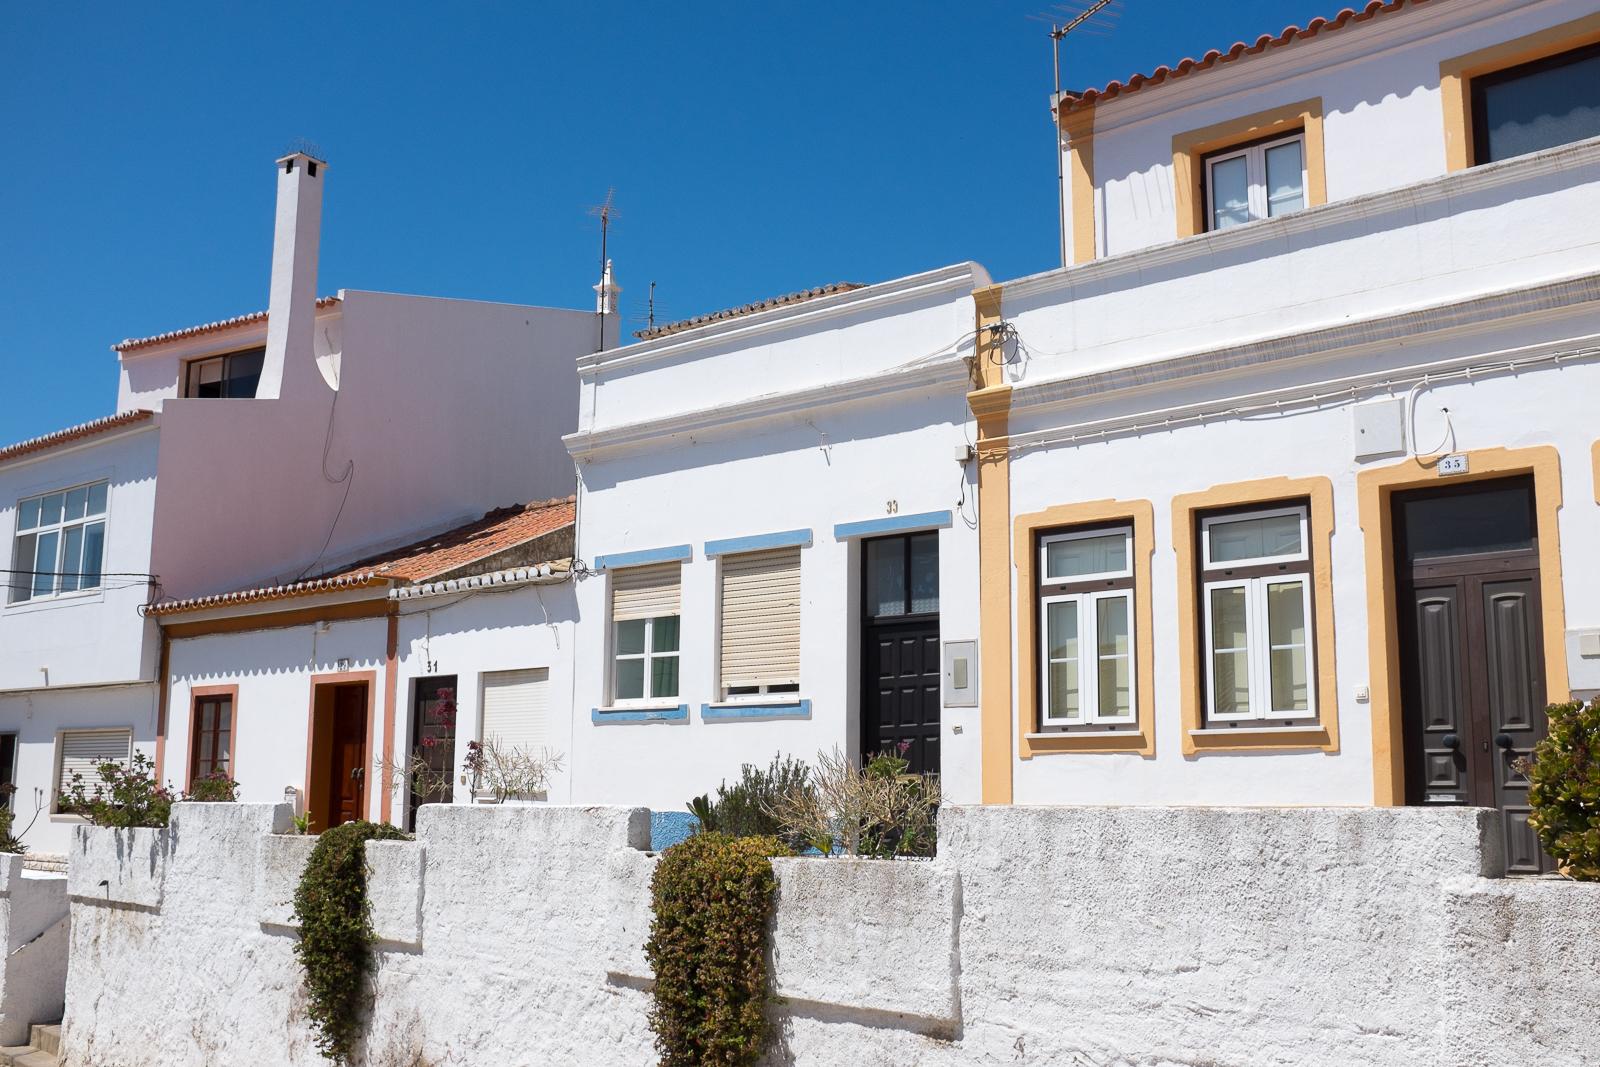 Dag06-Algarve-011-DSCF1876